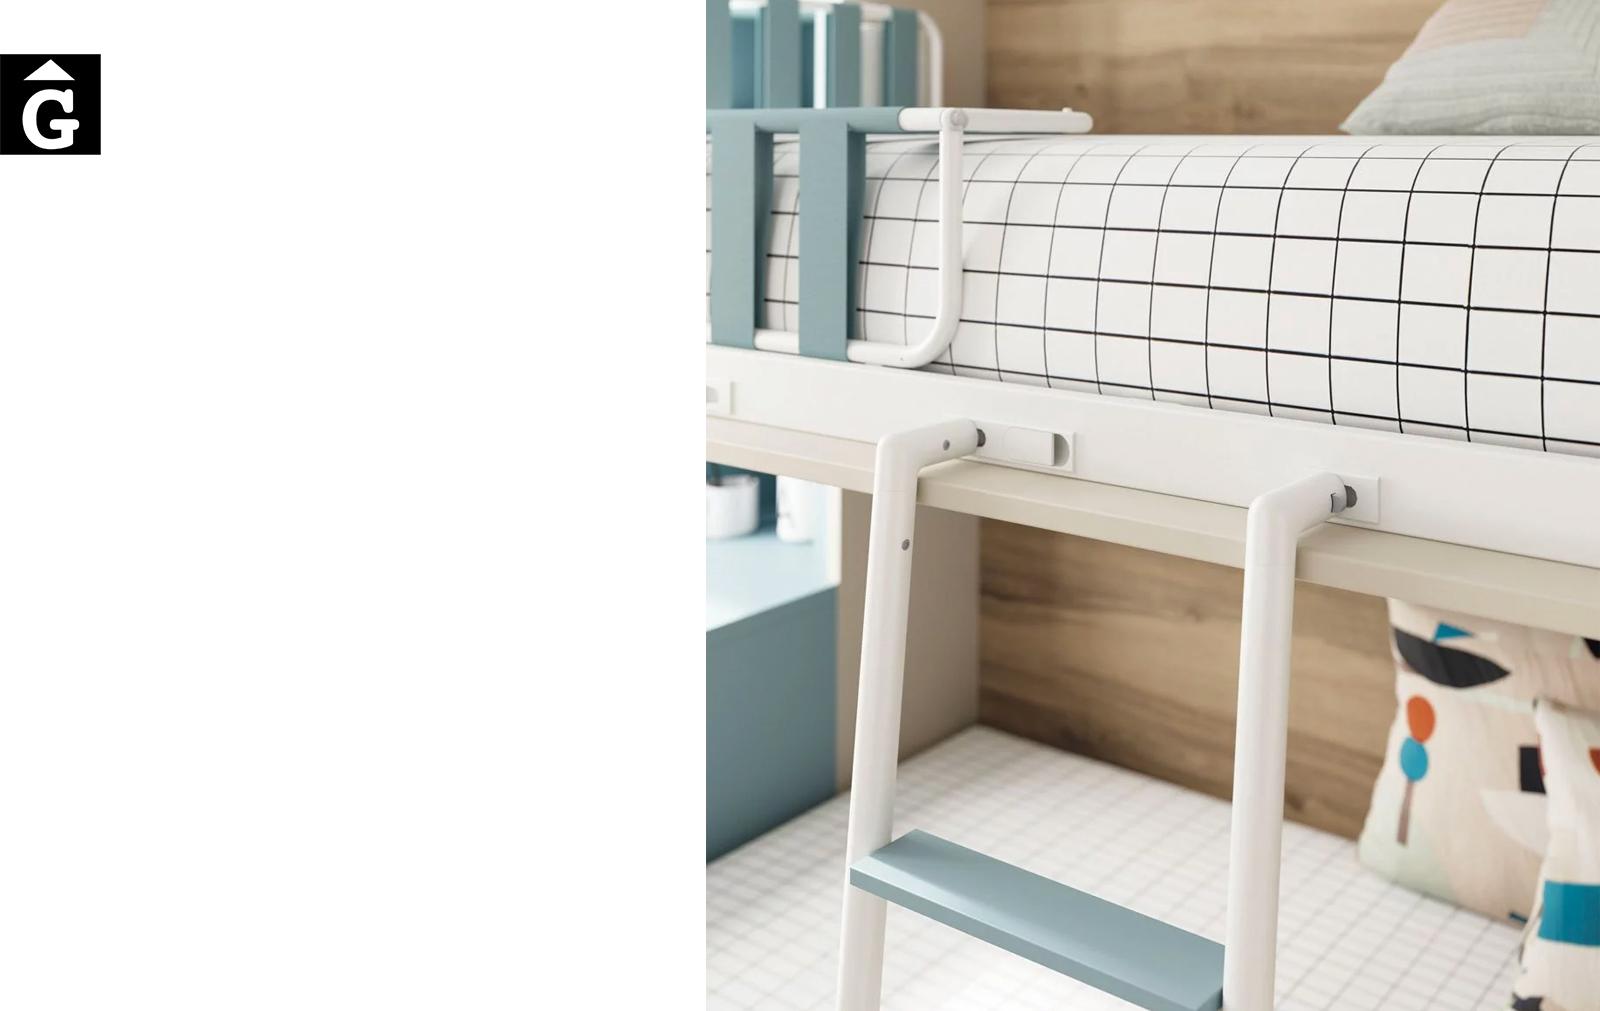 Habitació juvenil arena i celeste   detall escala   Up & Down   llits abatibles   Pràctics, saludables i segurs   Jotajotape   mobles Gifreu